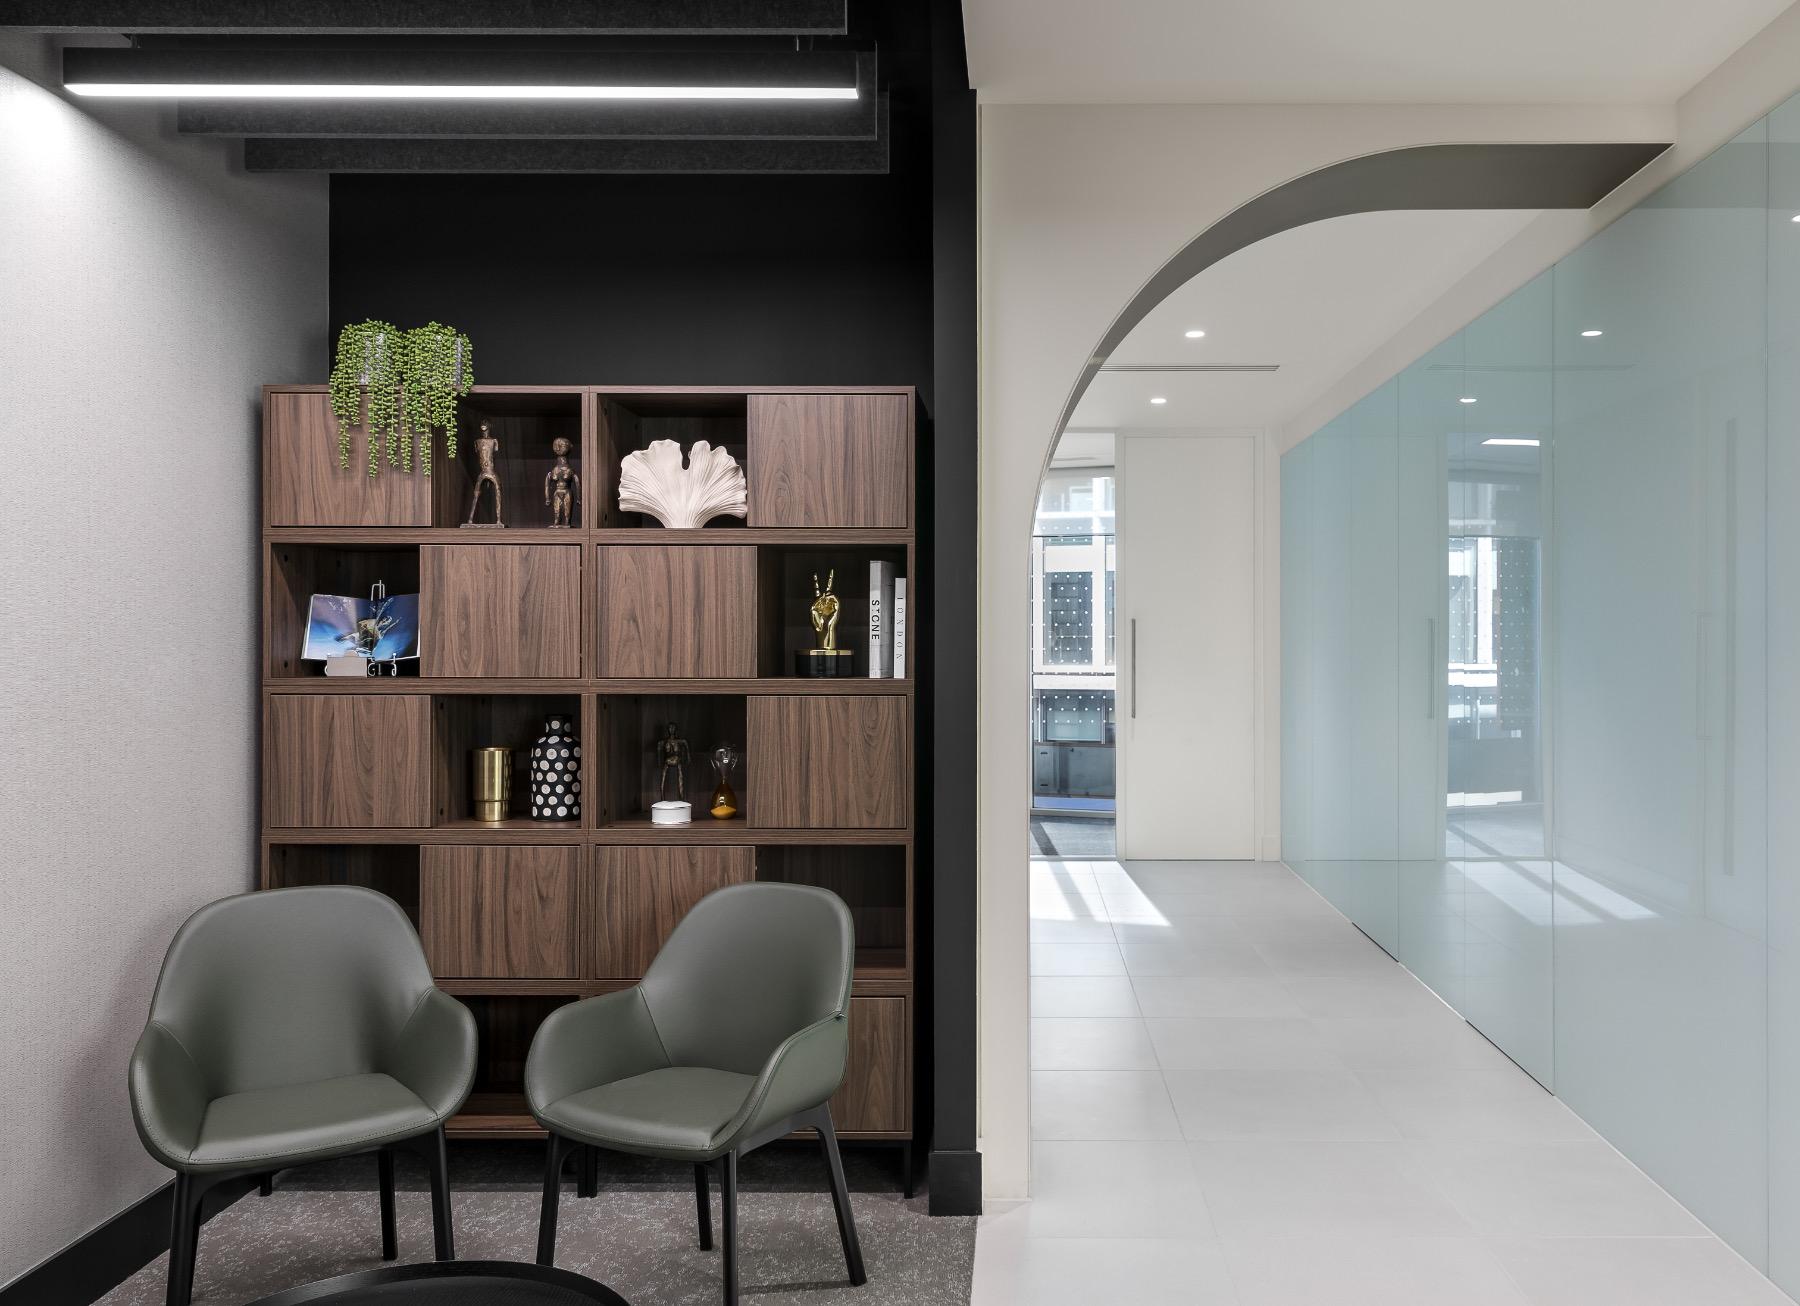 crowe-london-office-6